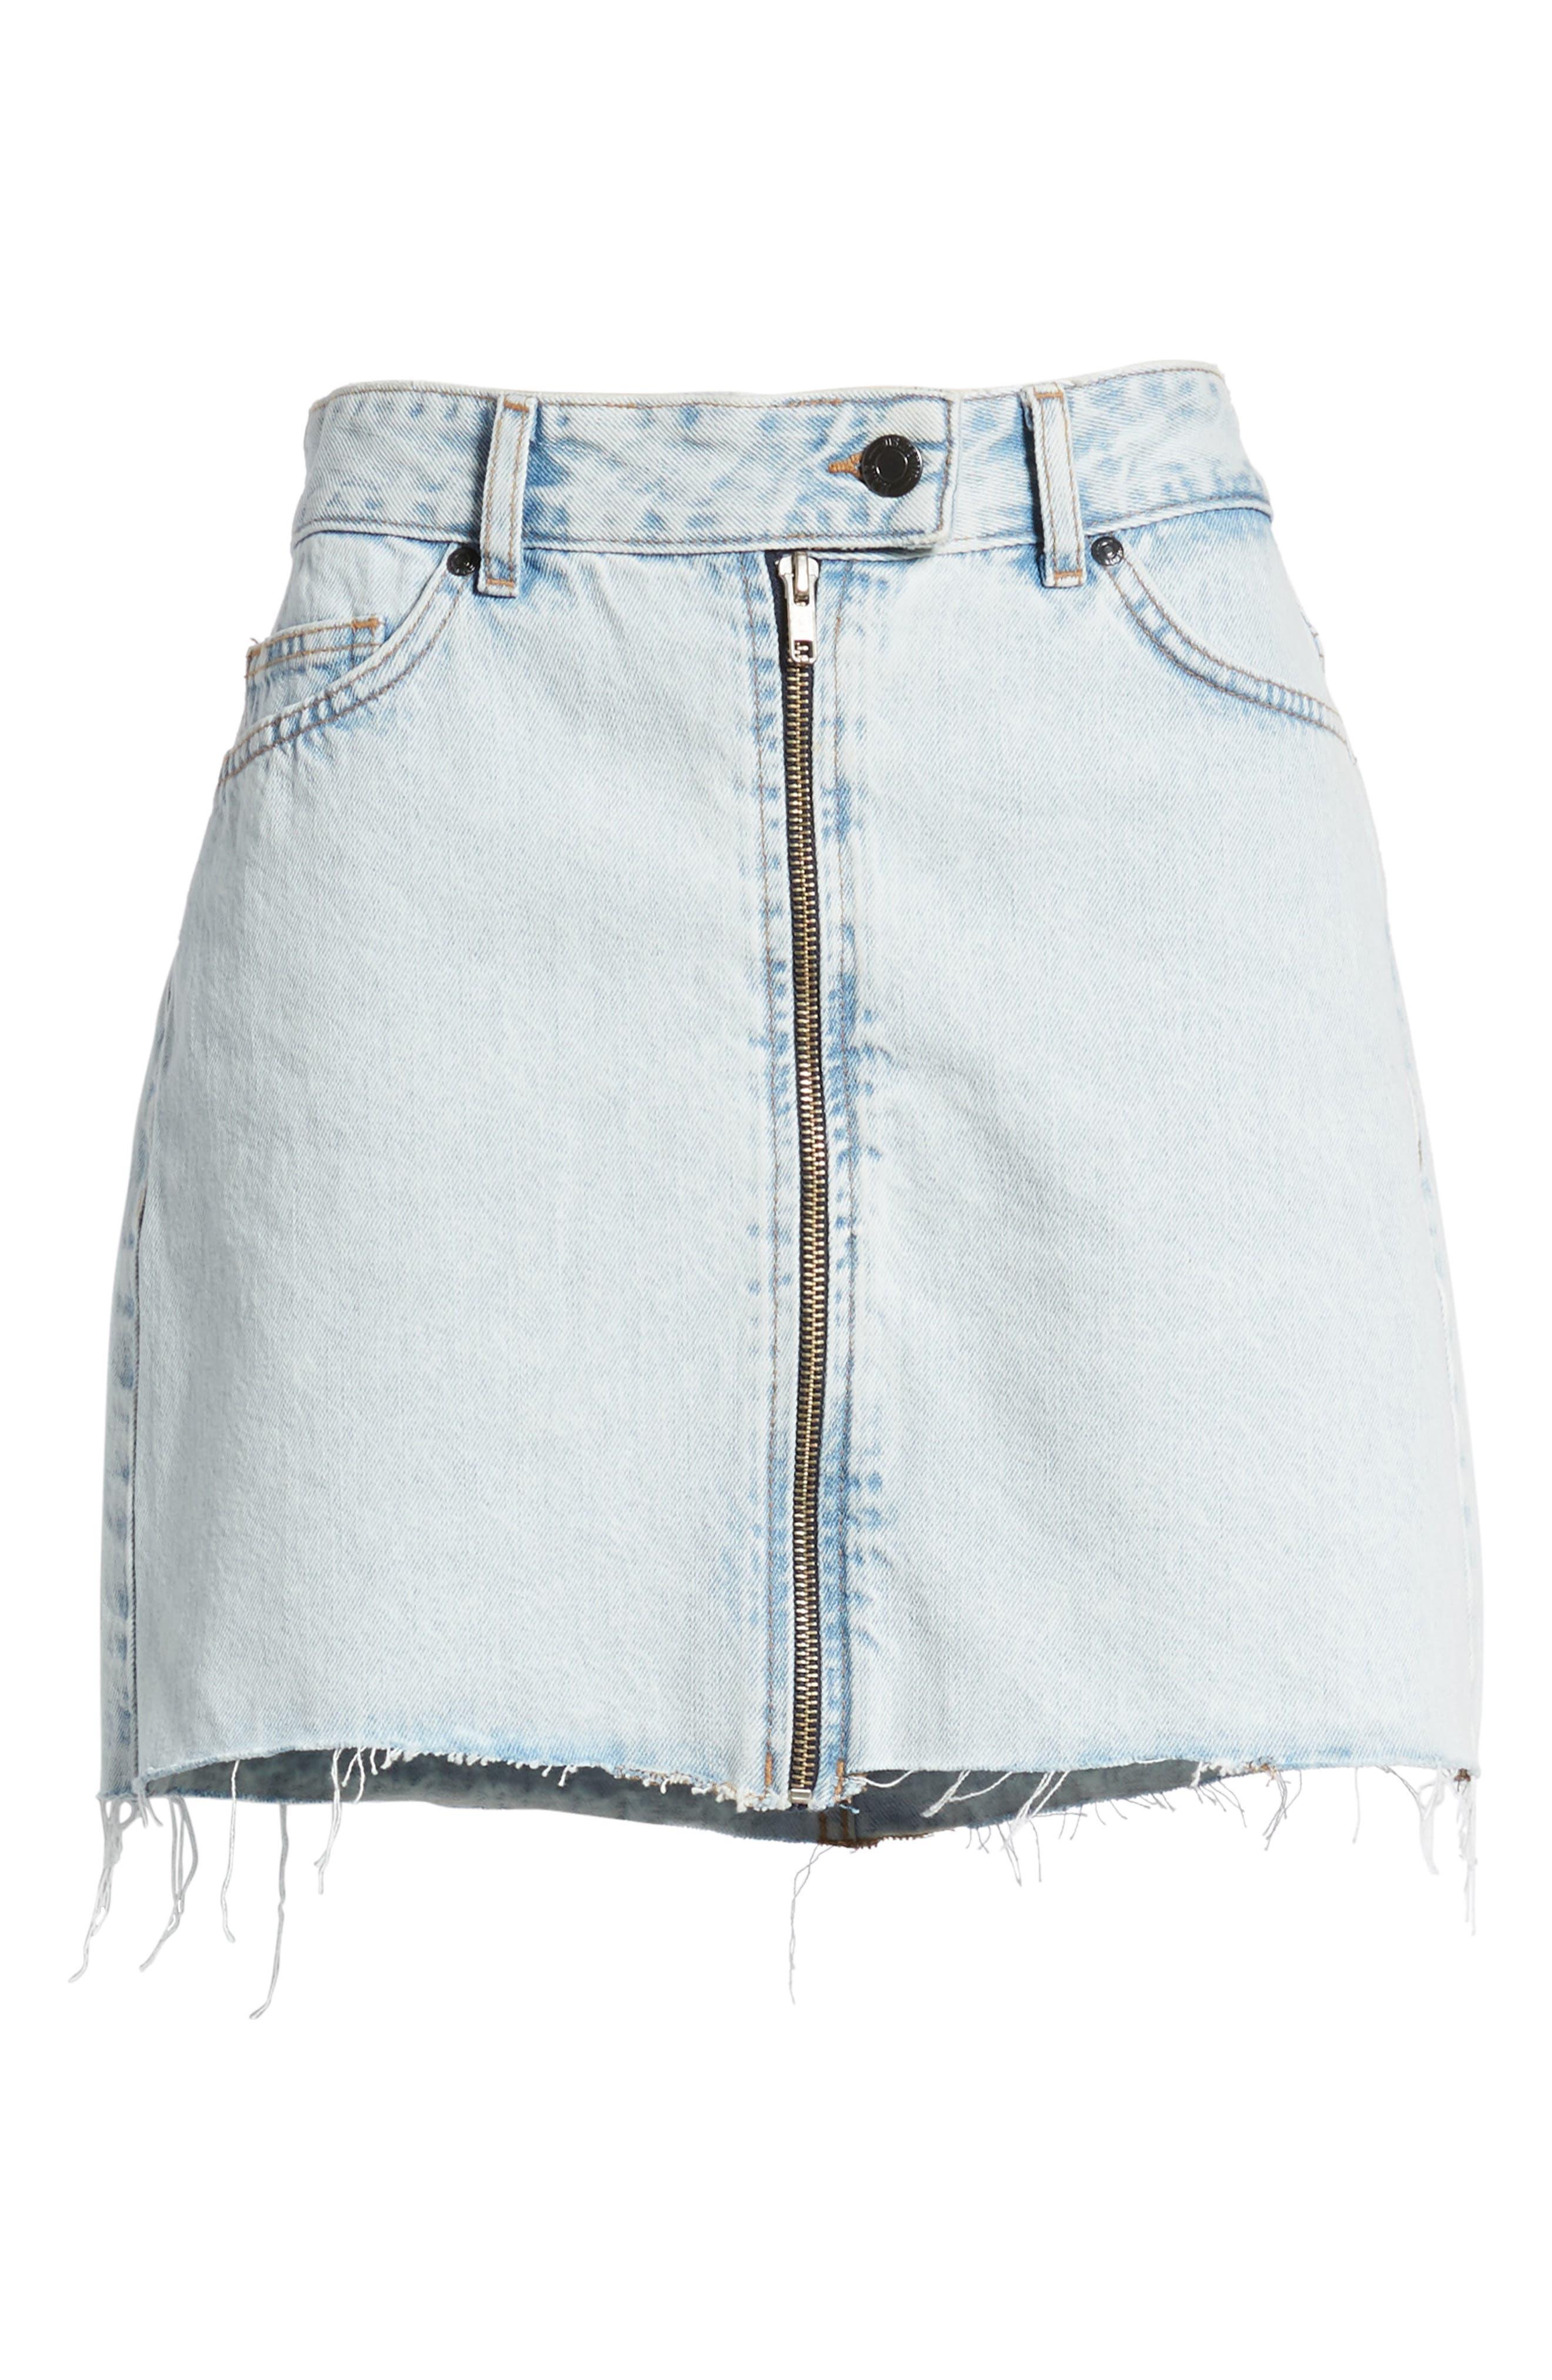 Dillon Denim Skirt,                             Alternate thumbnail 8, color,                             Worn Superlight Blue